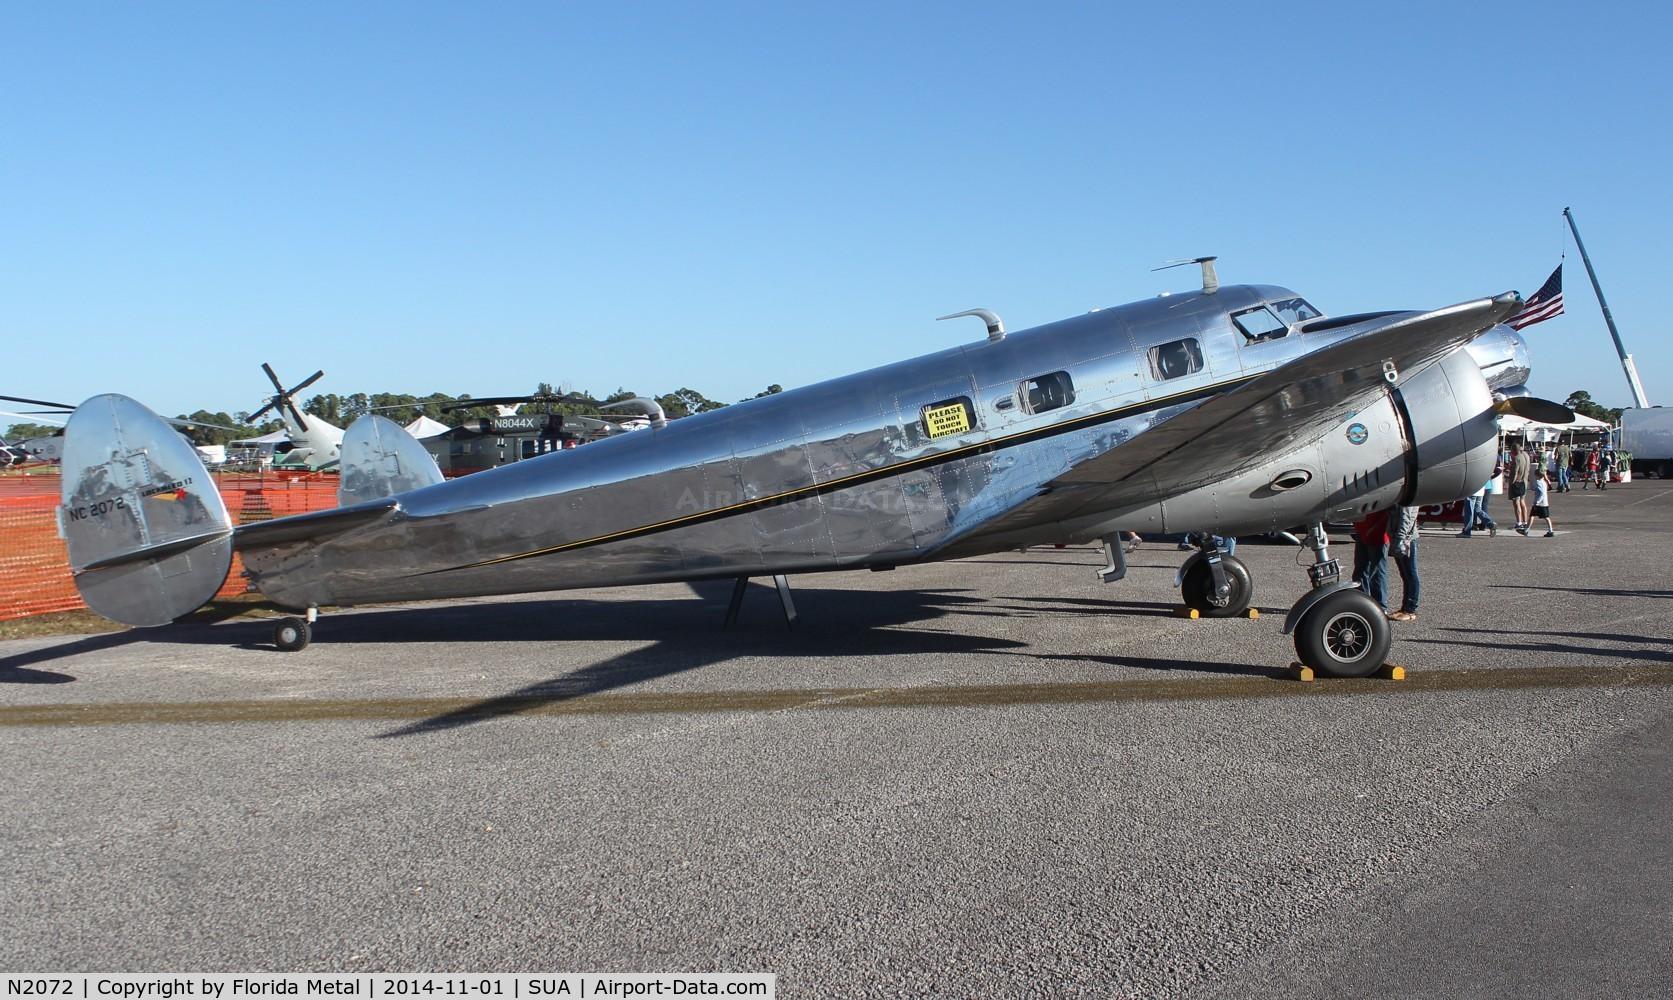 N2072, 1936 Lockheed 12A Electra Junior C/N 1208, Lockheed 12A